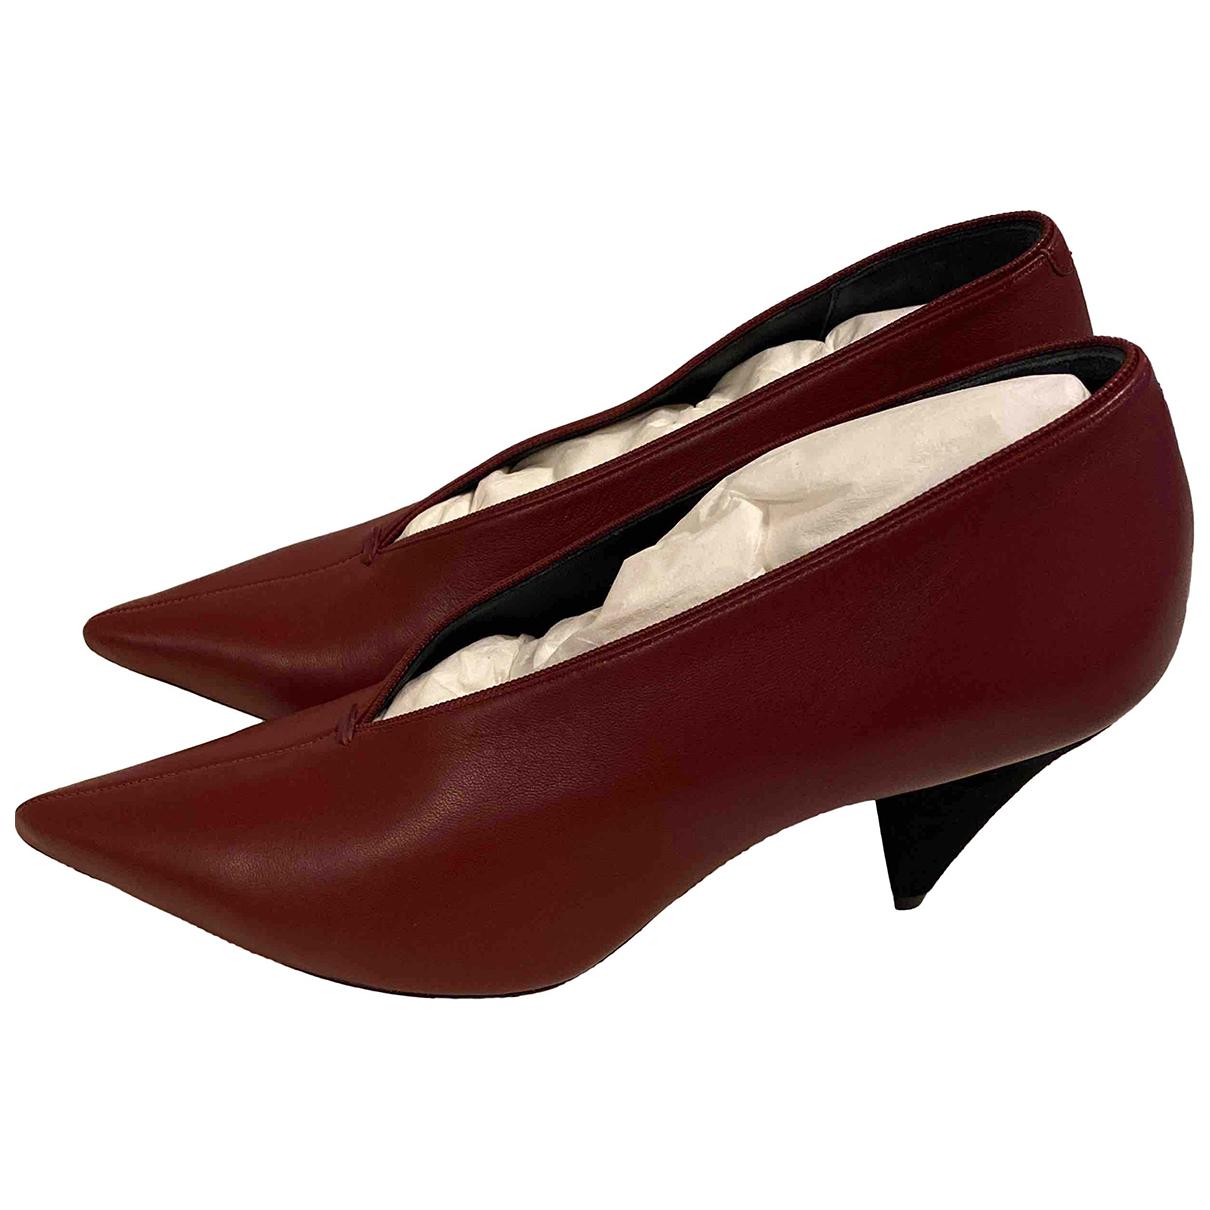 Celine - Escarpins Soft V Neck pour femme en cuir - bordeaux